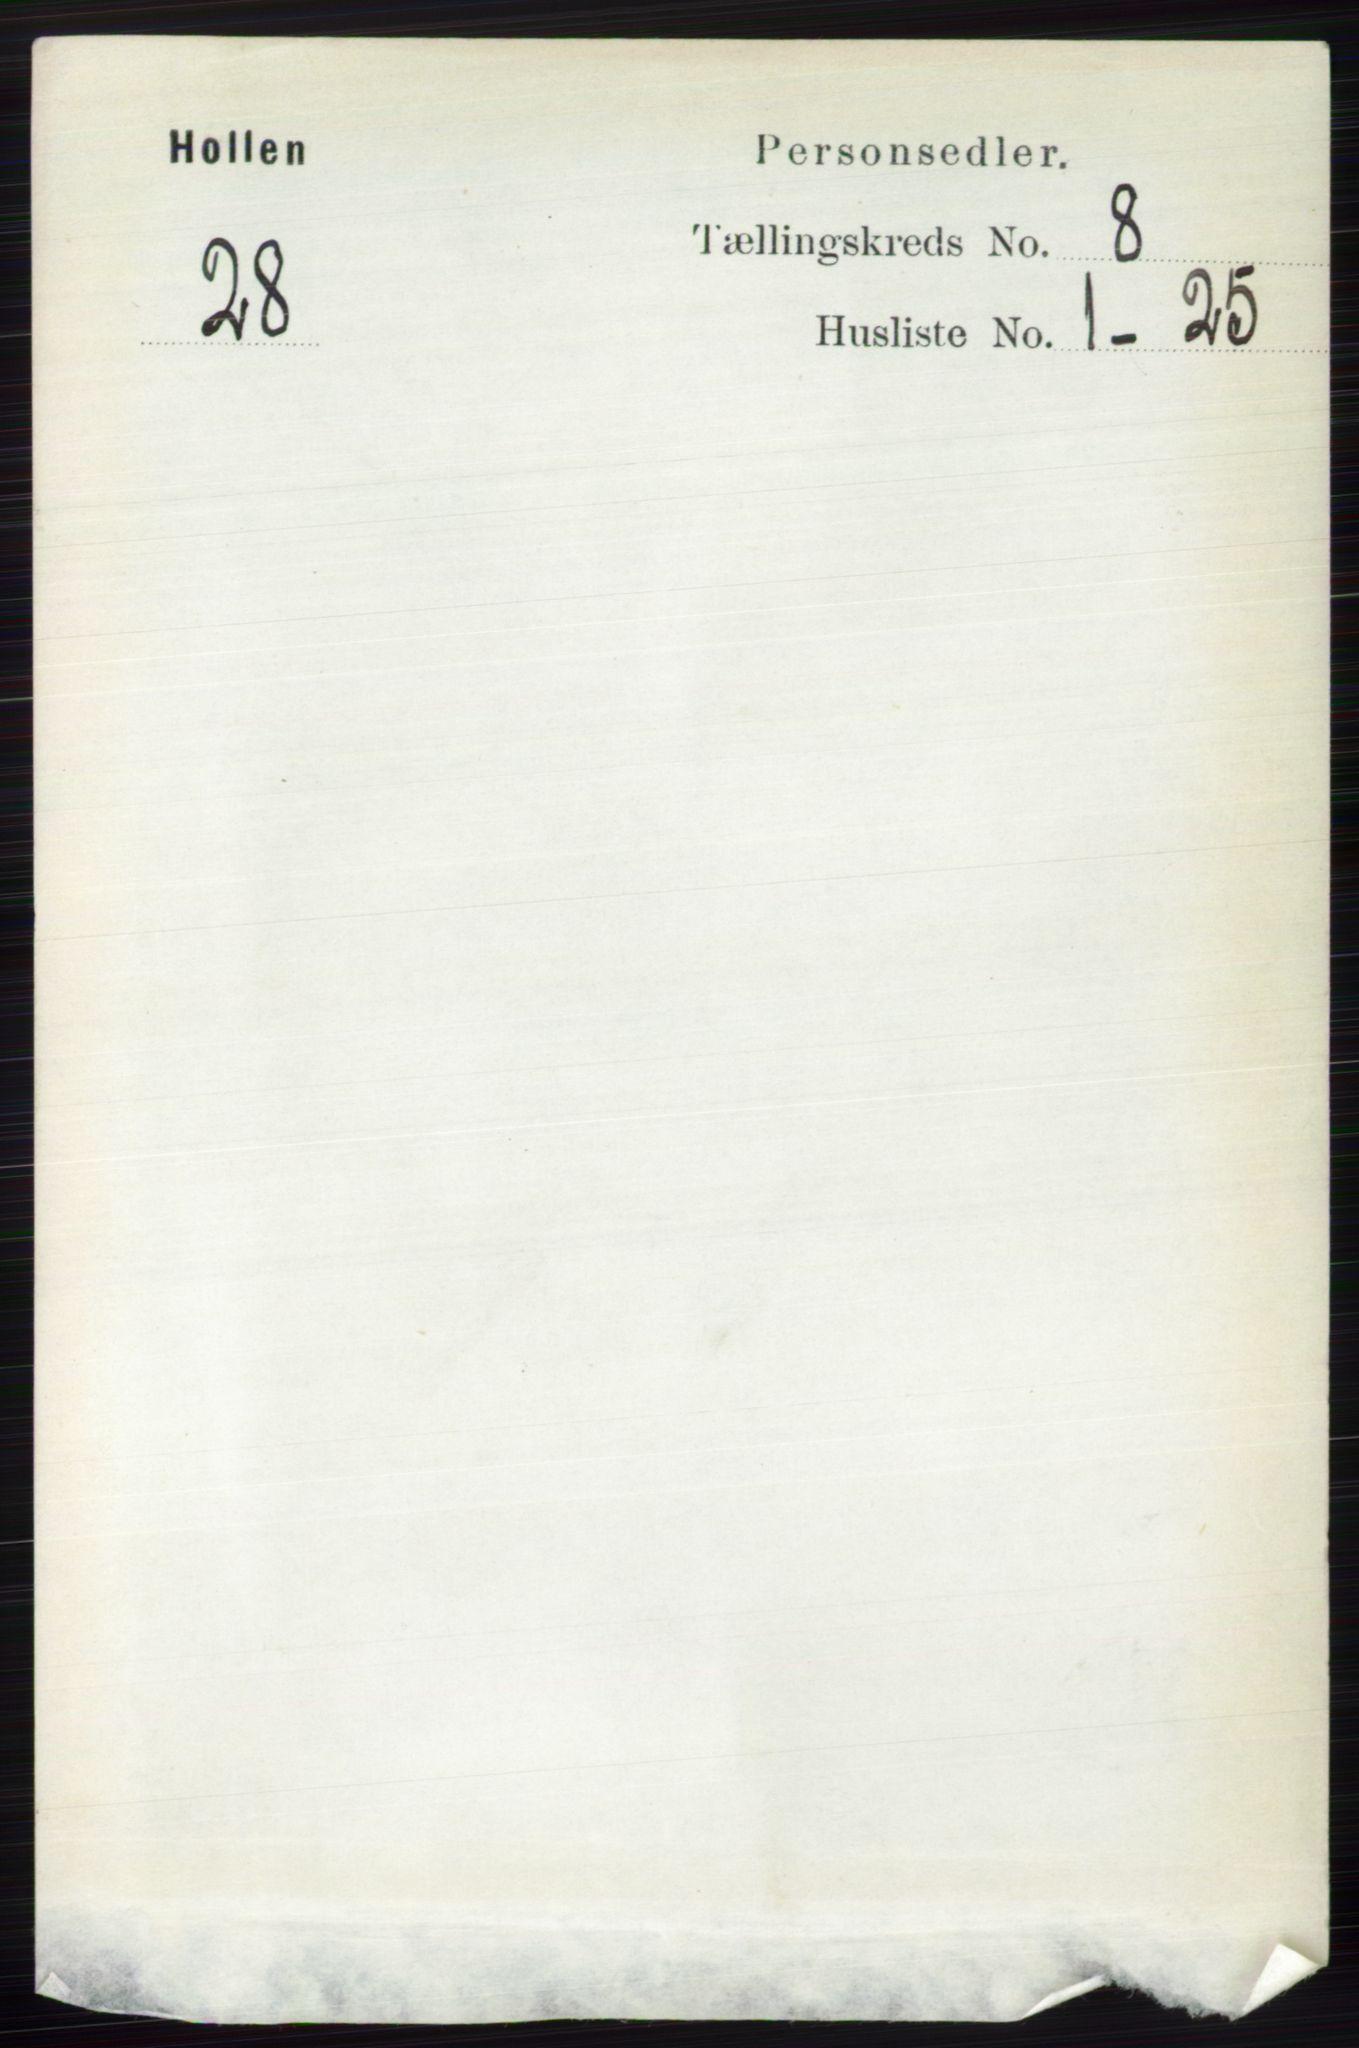 RA, Folketelling 1891 for 0819 Holla herred, 1891, s. 3649